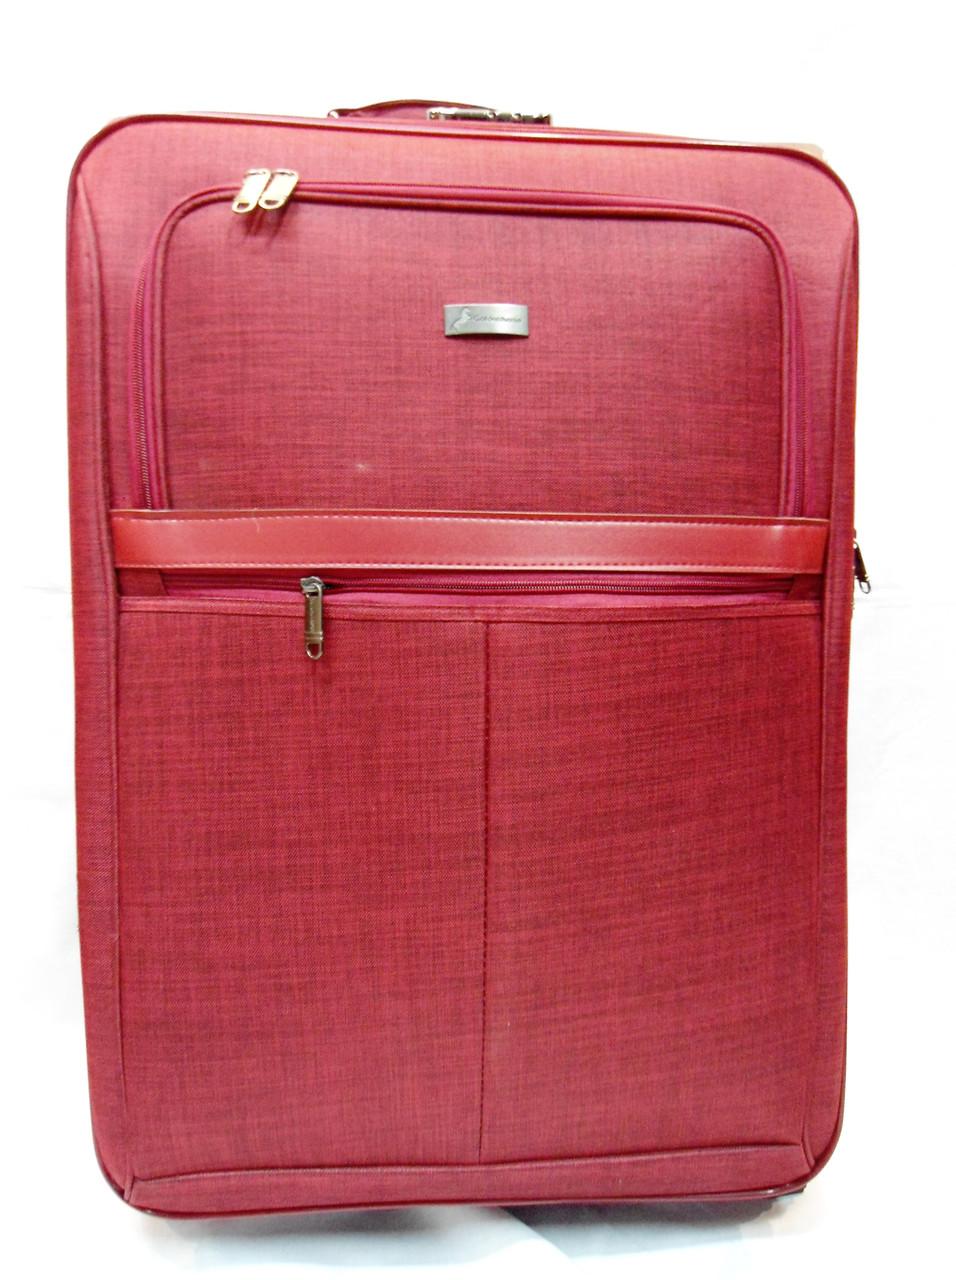 Симпатичный дорожный чемодан текстиль (размерный ряд) 3 колеса Ч40 -  Интернет- магазин